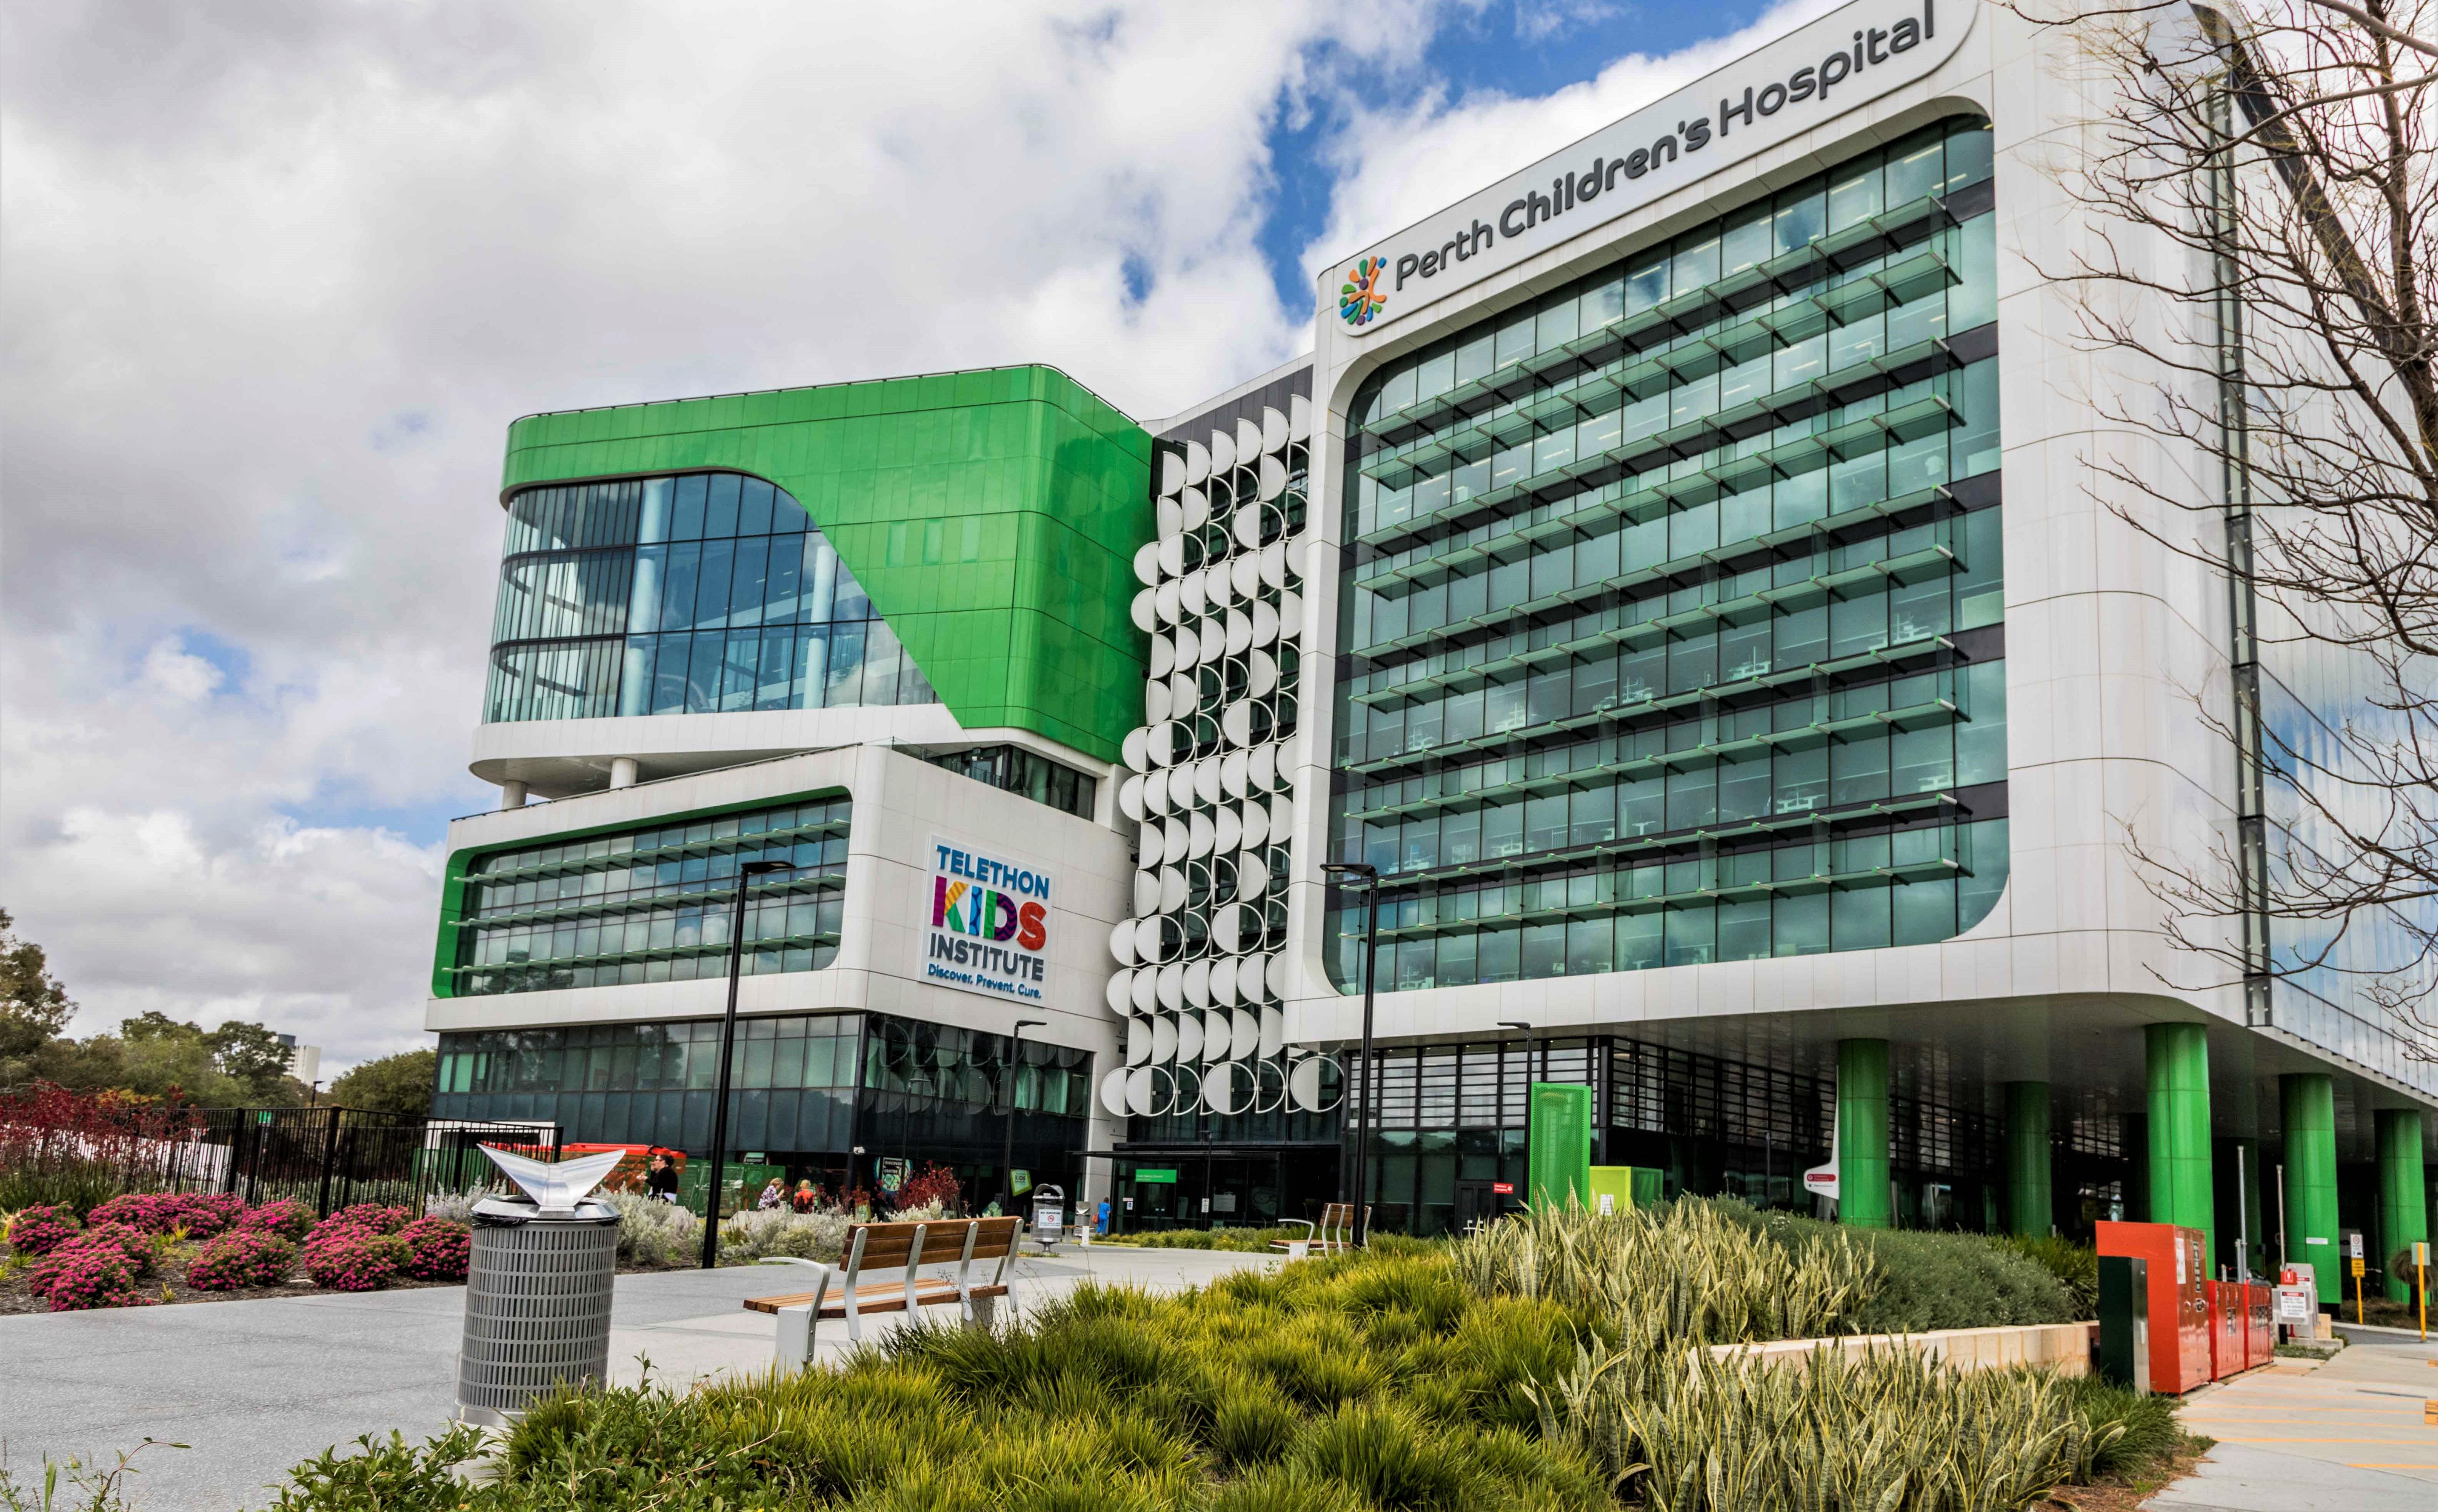 Perth's Children Hospital 2